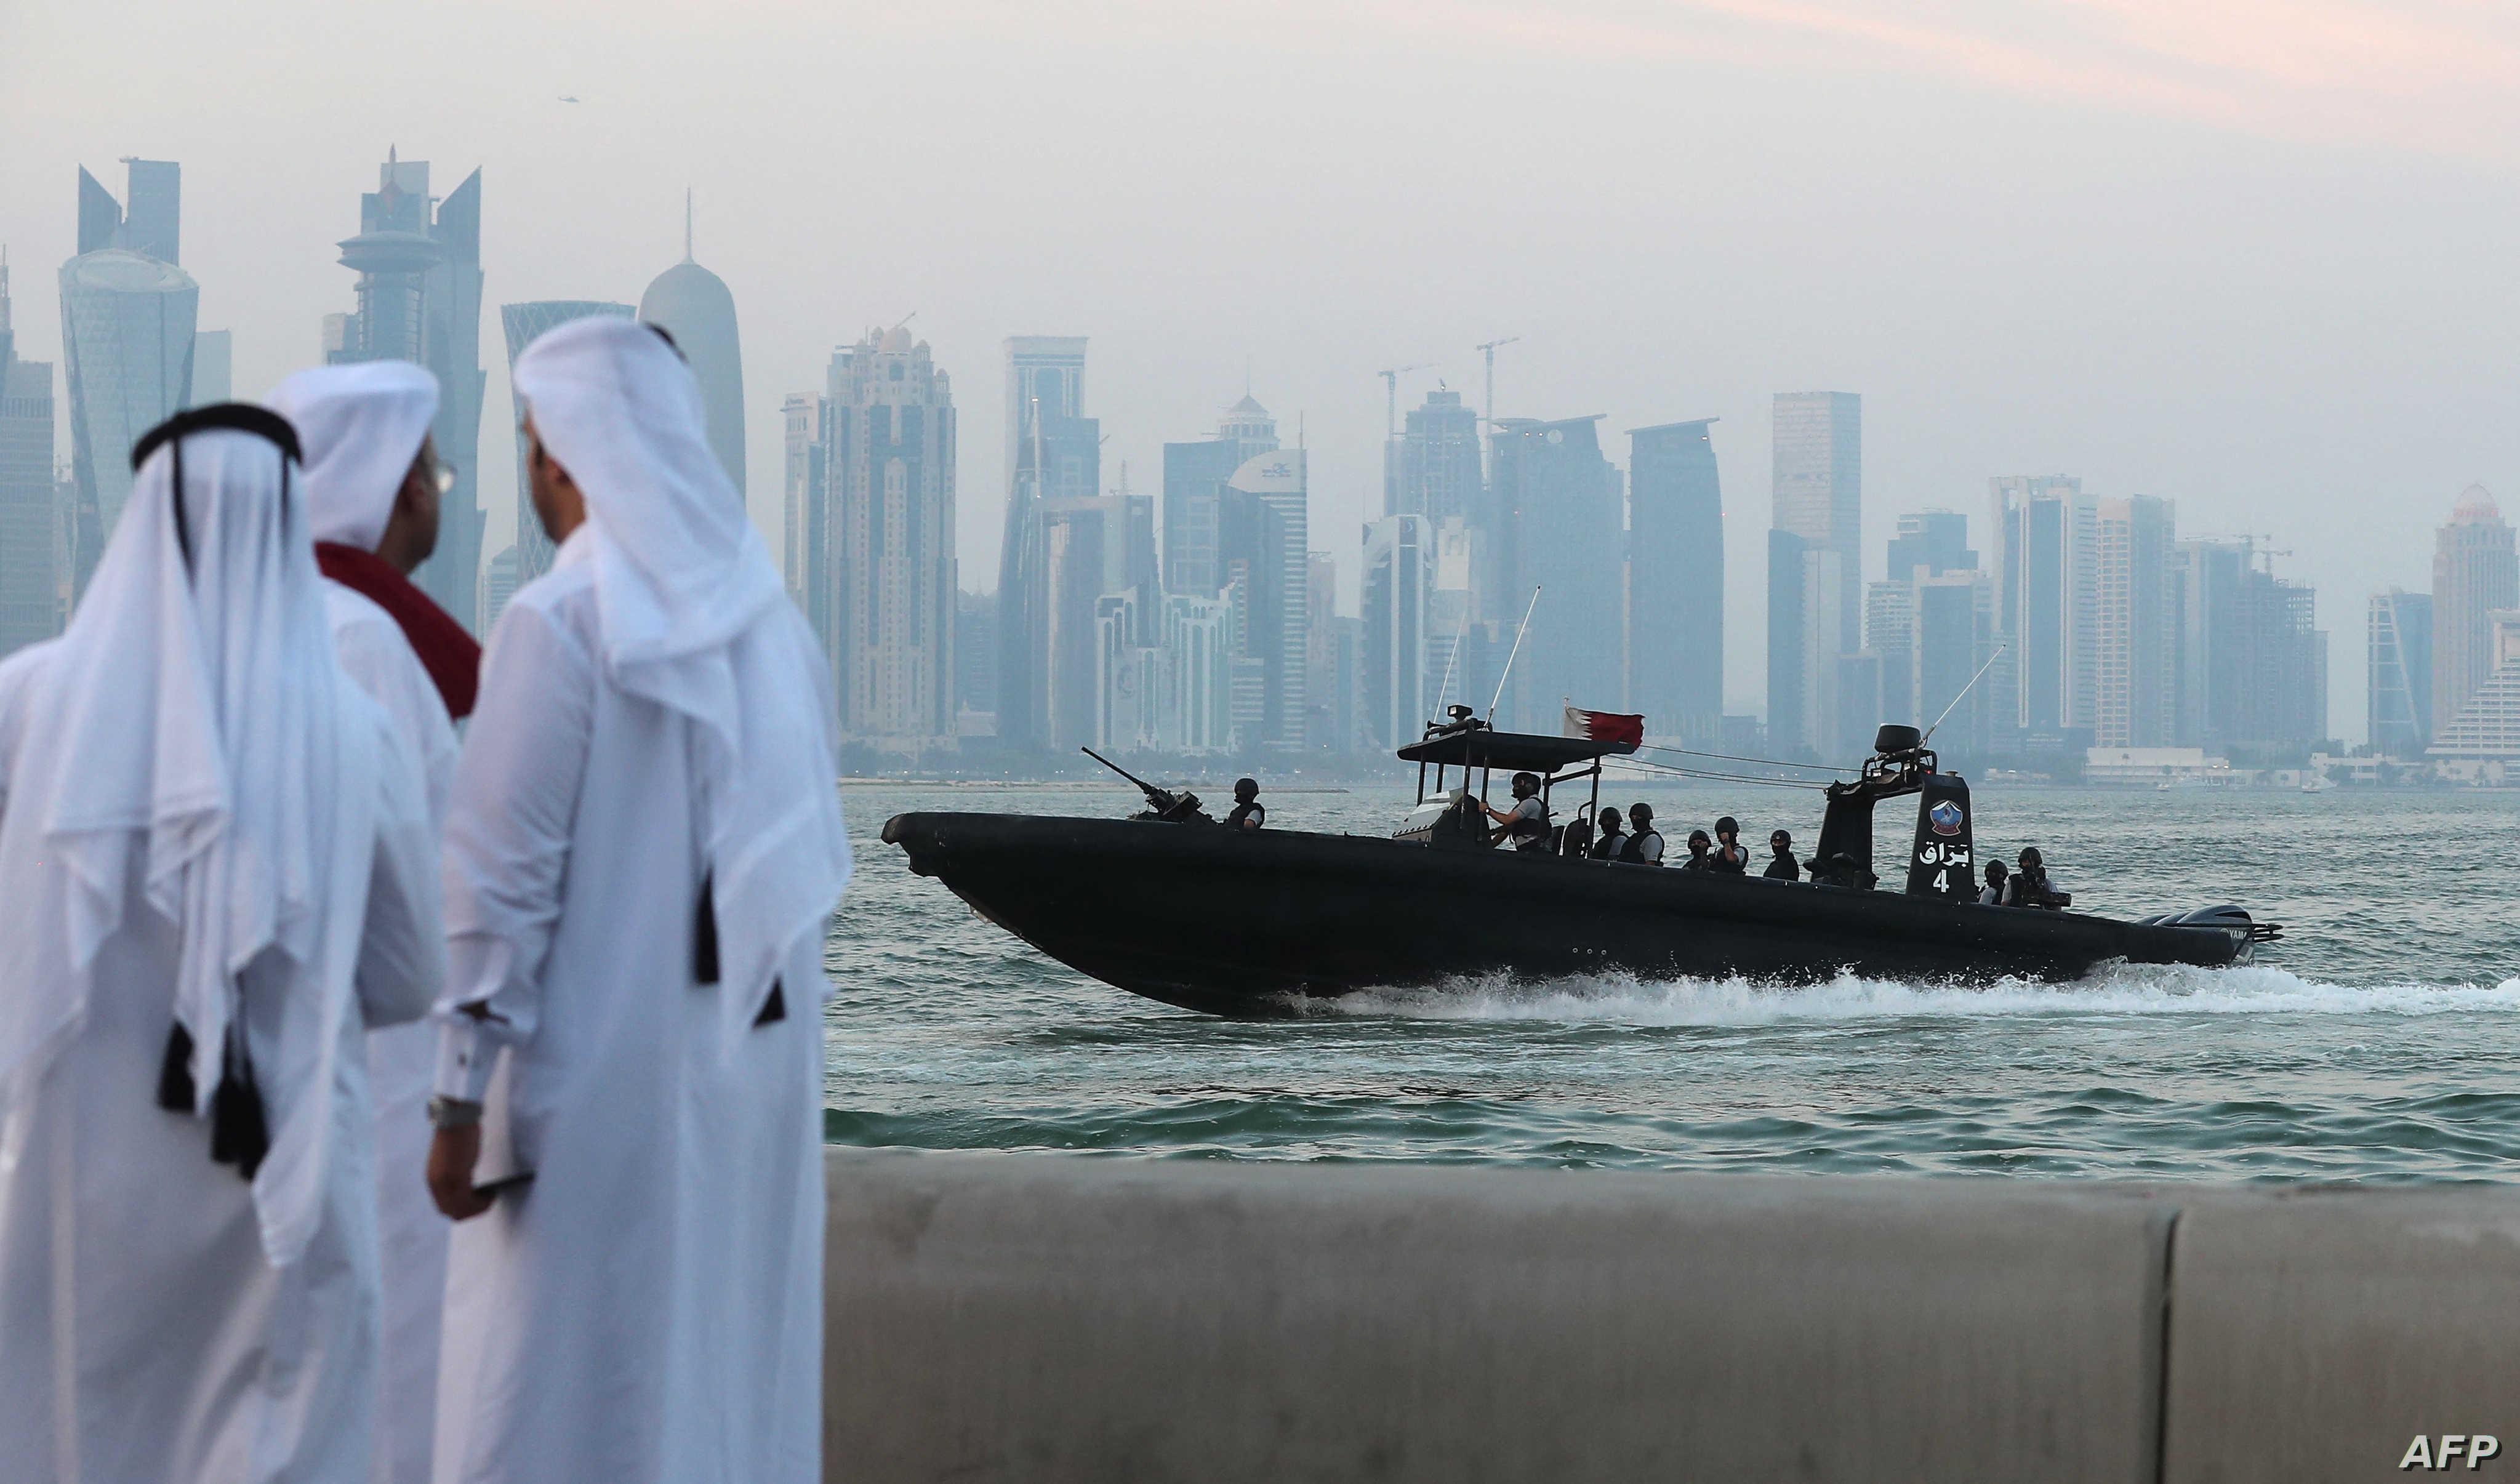 القانون الانتخابي الجديد في قطر يثير الحساسيات القبلية